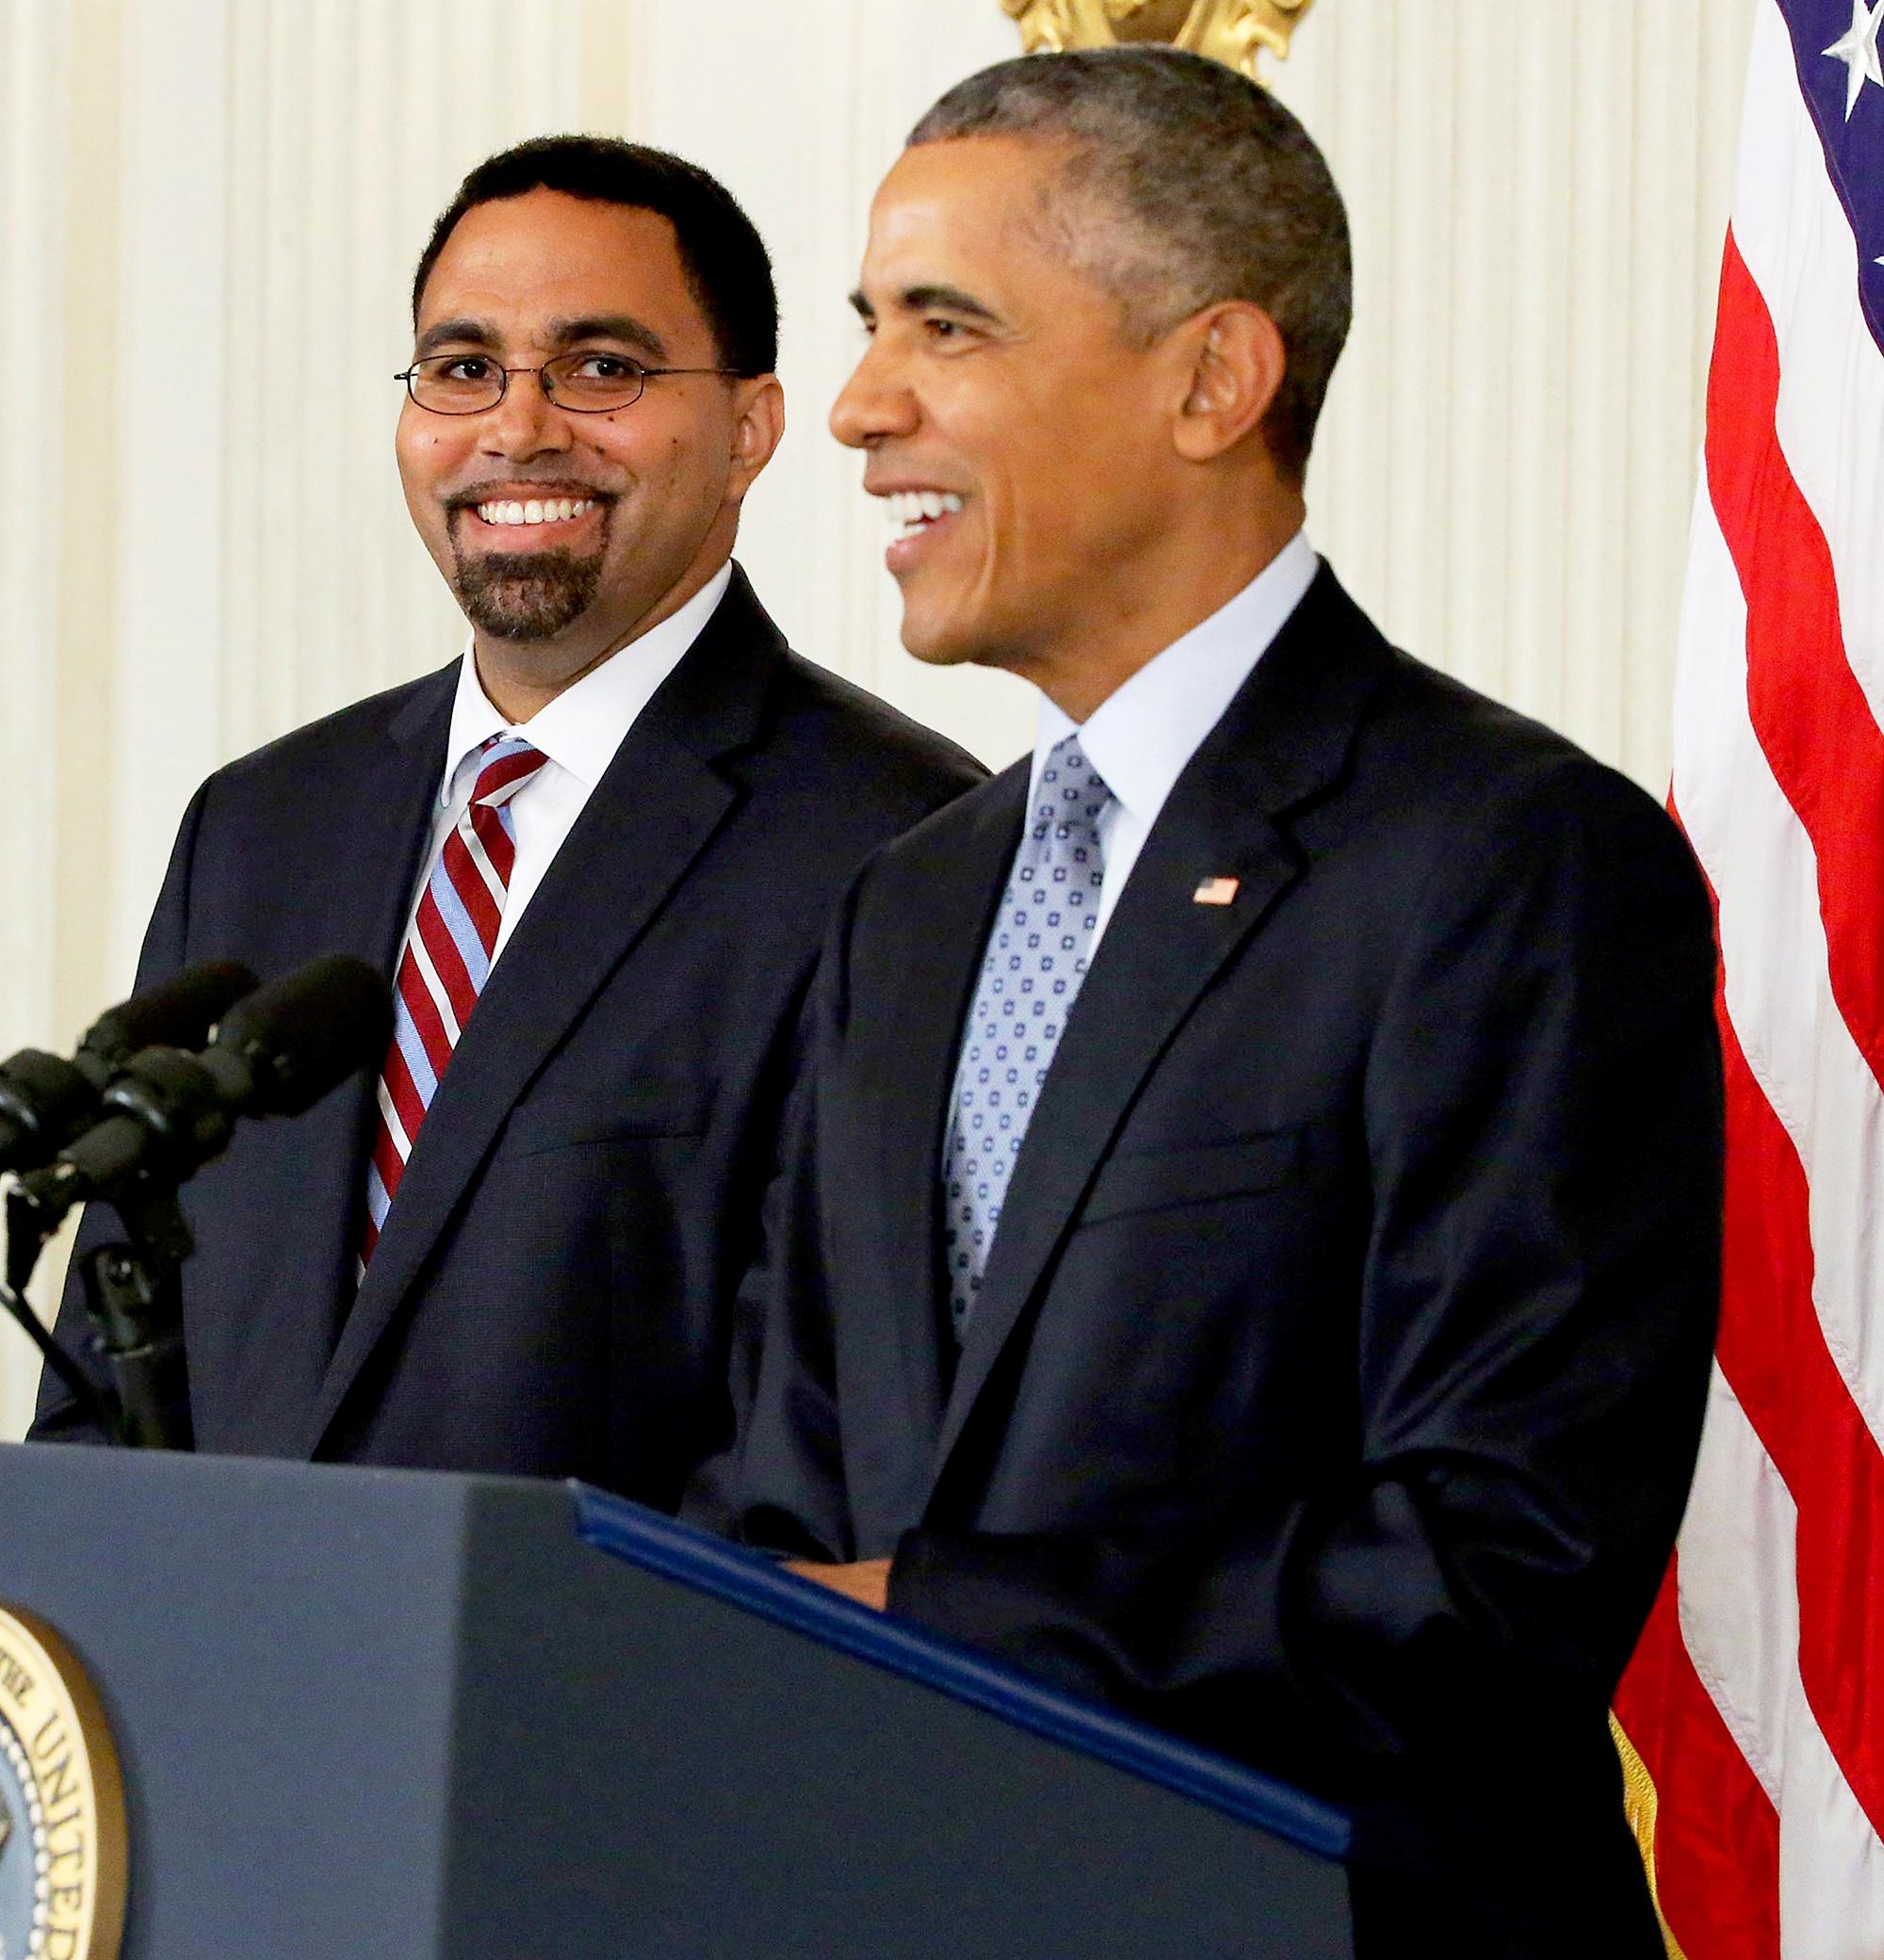 John King and Barack Obama